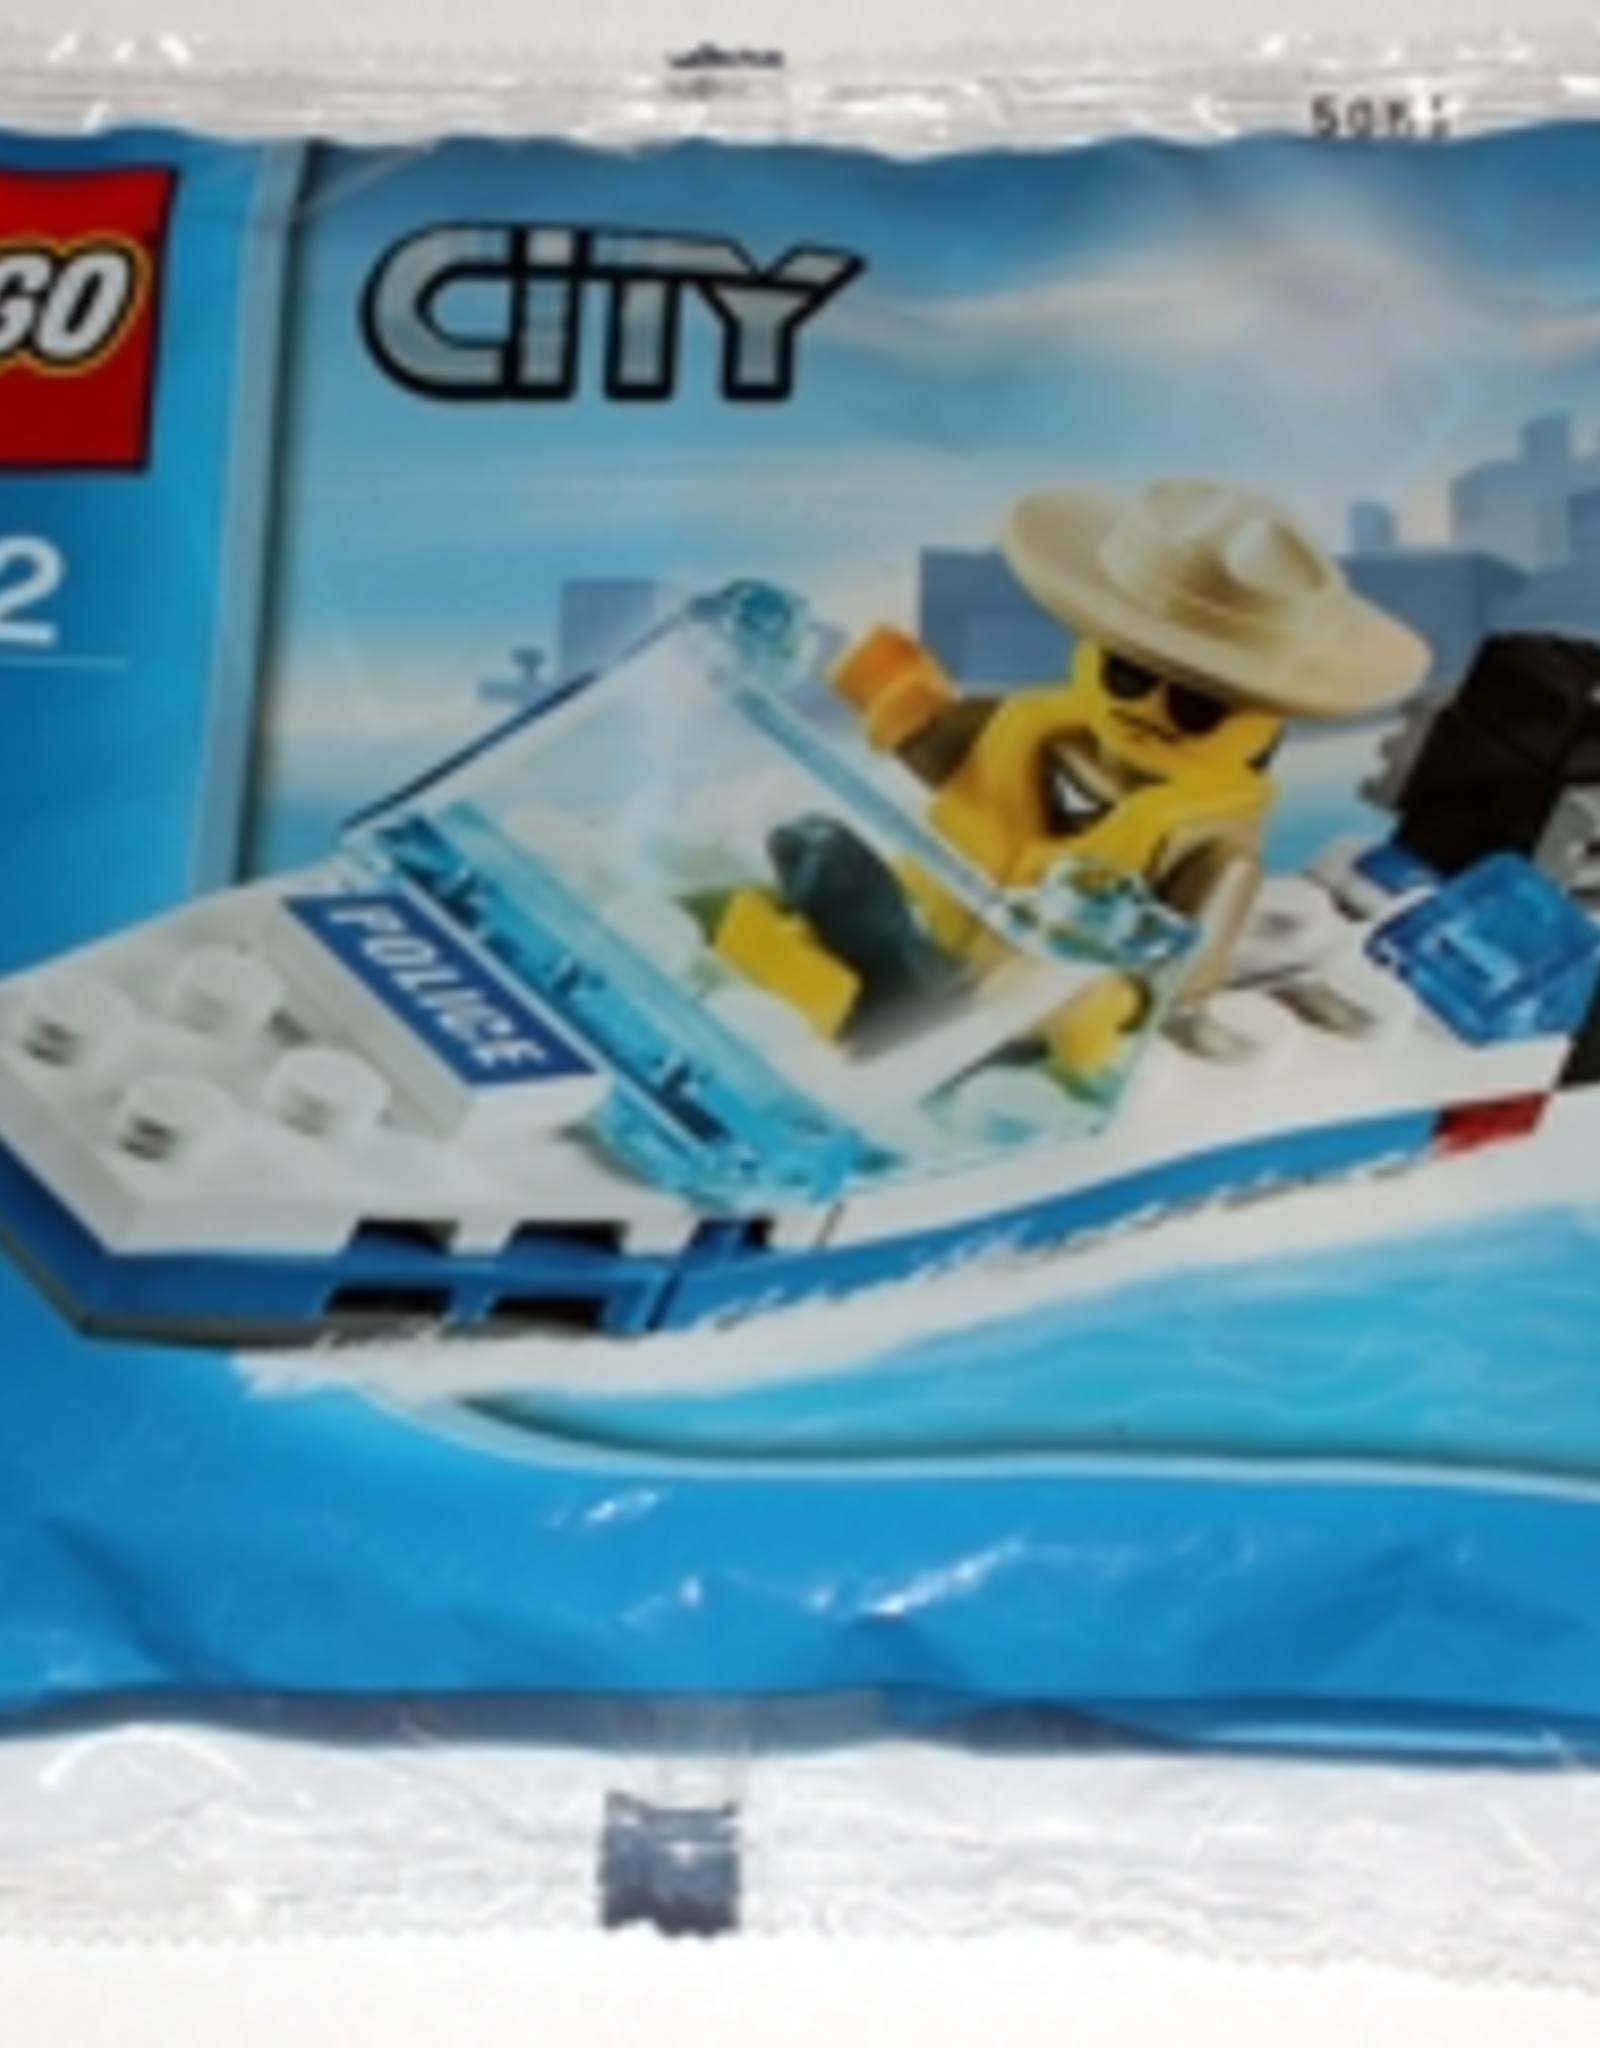 LEGO LEGO 30017 Police Boat CITY